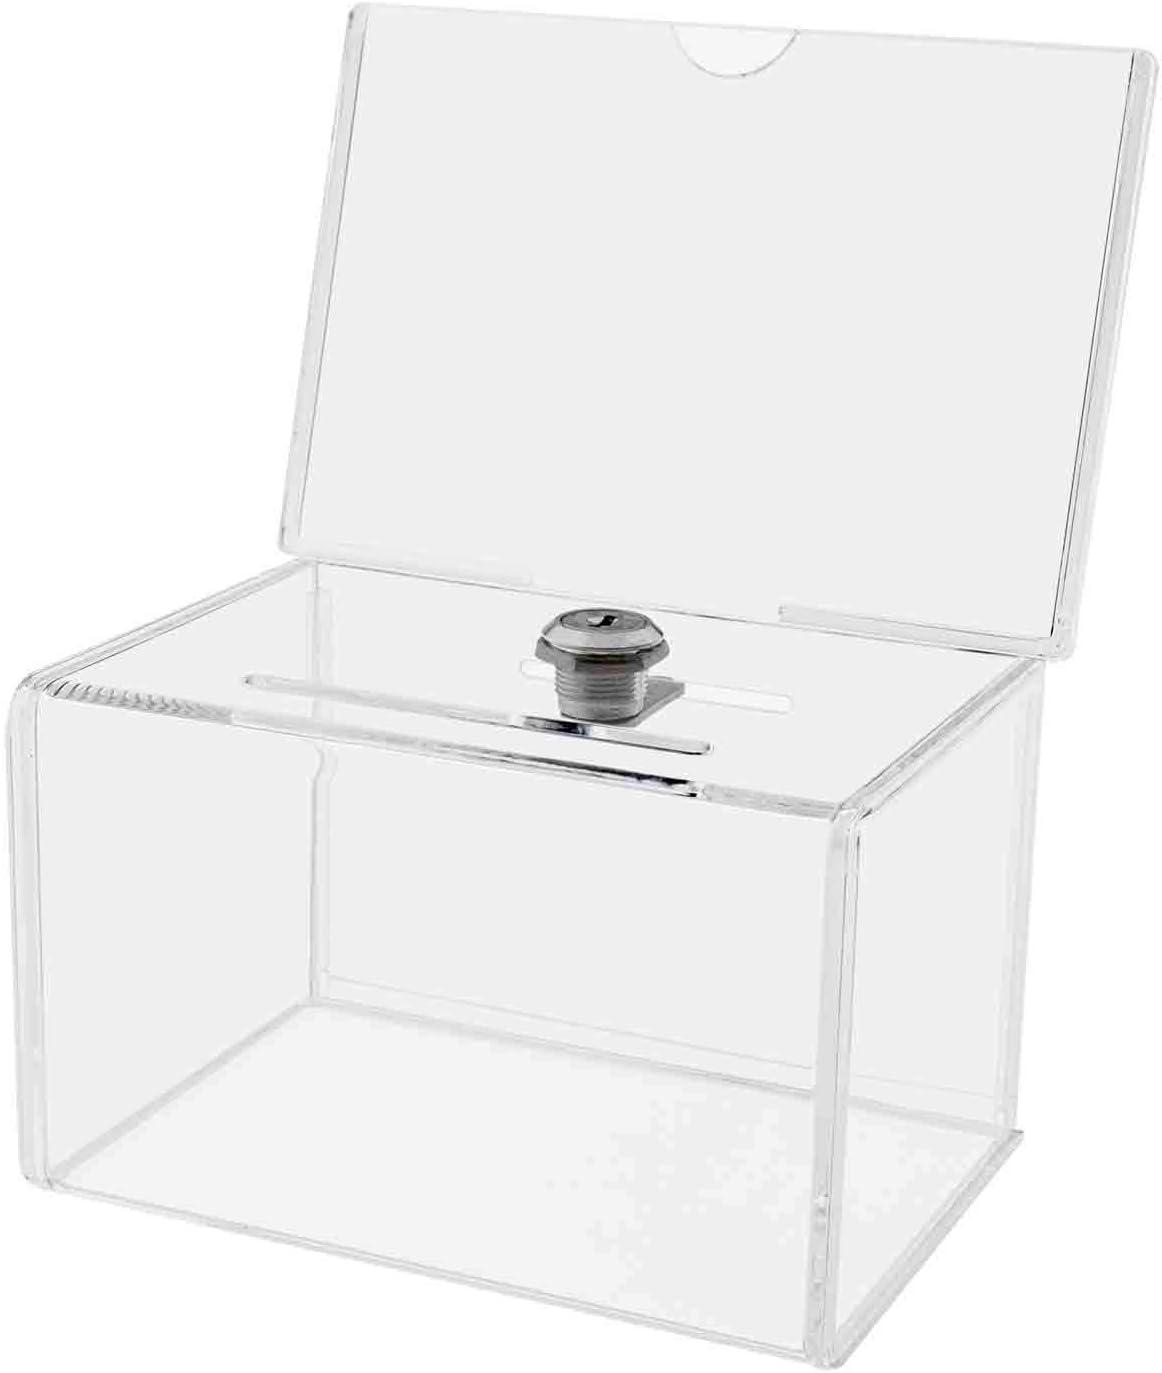 Deflect-o - Caja para sugerencias o propinas (con cierre), transparente